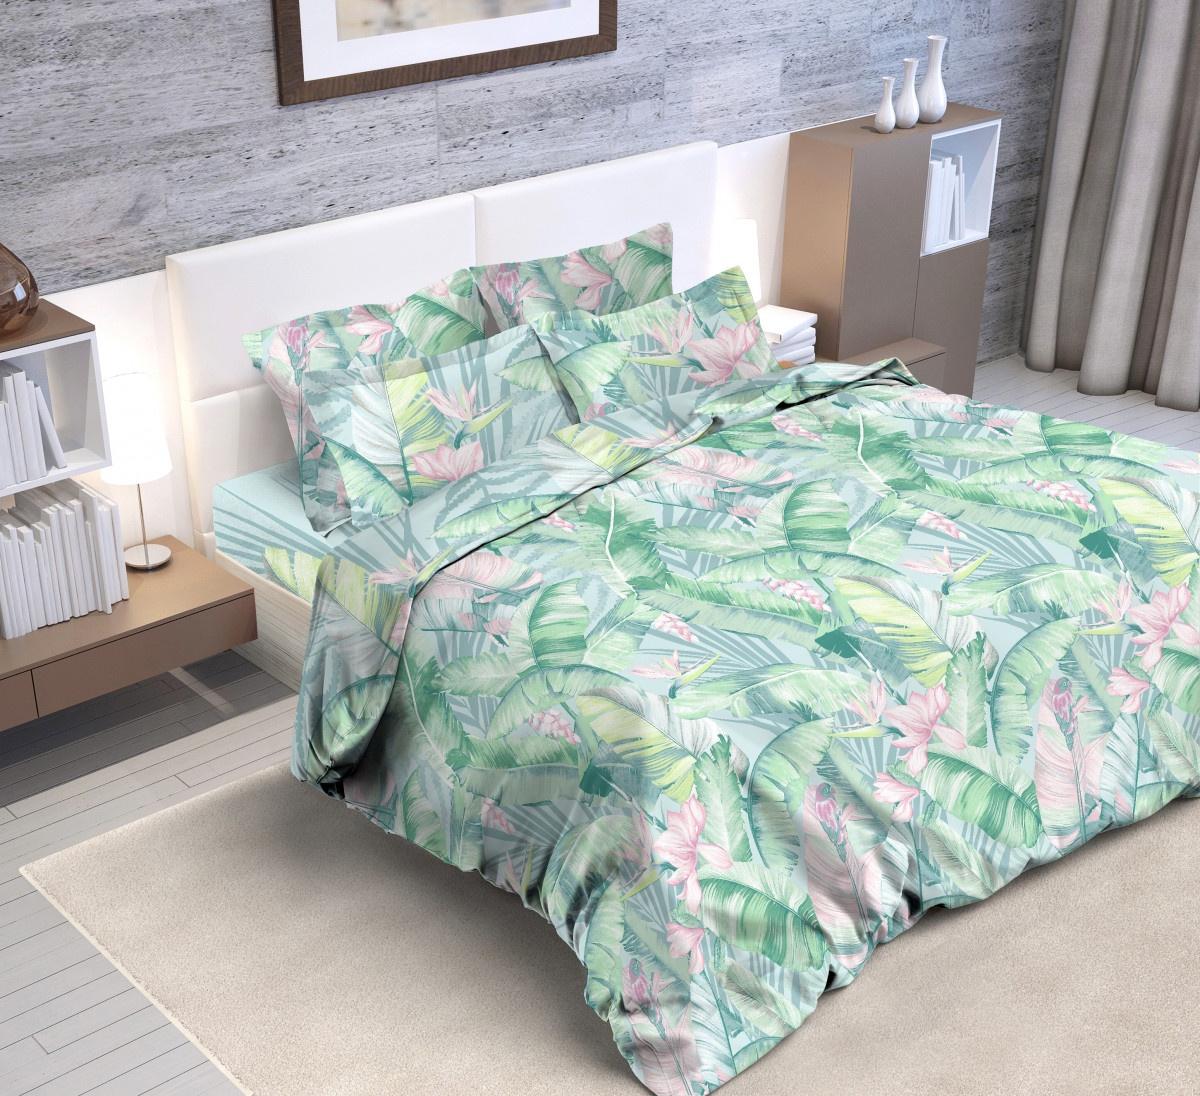 Комплект постельного белья Butterfly Поплин евро, 2 нав 70*70, прост 220*240, подод 200*220 (ПК3) рис. 9115/1